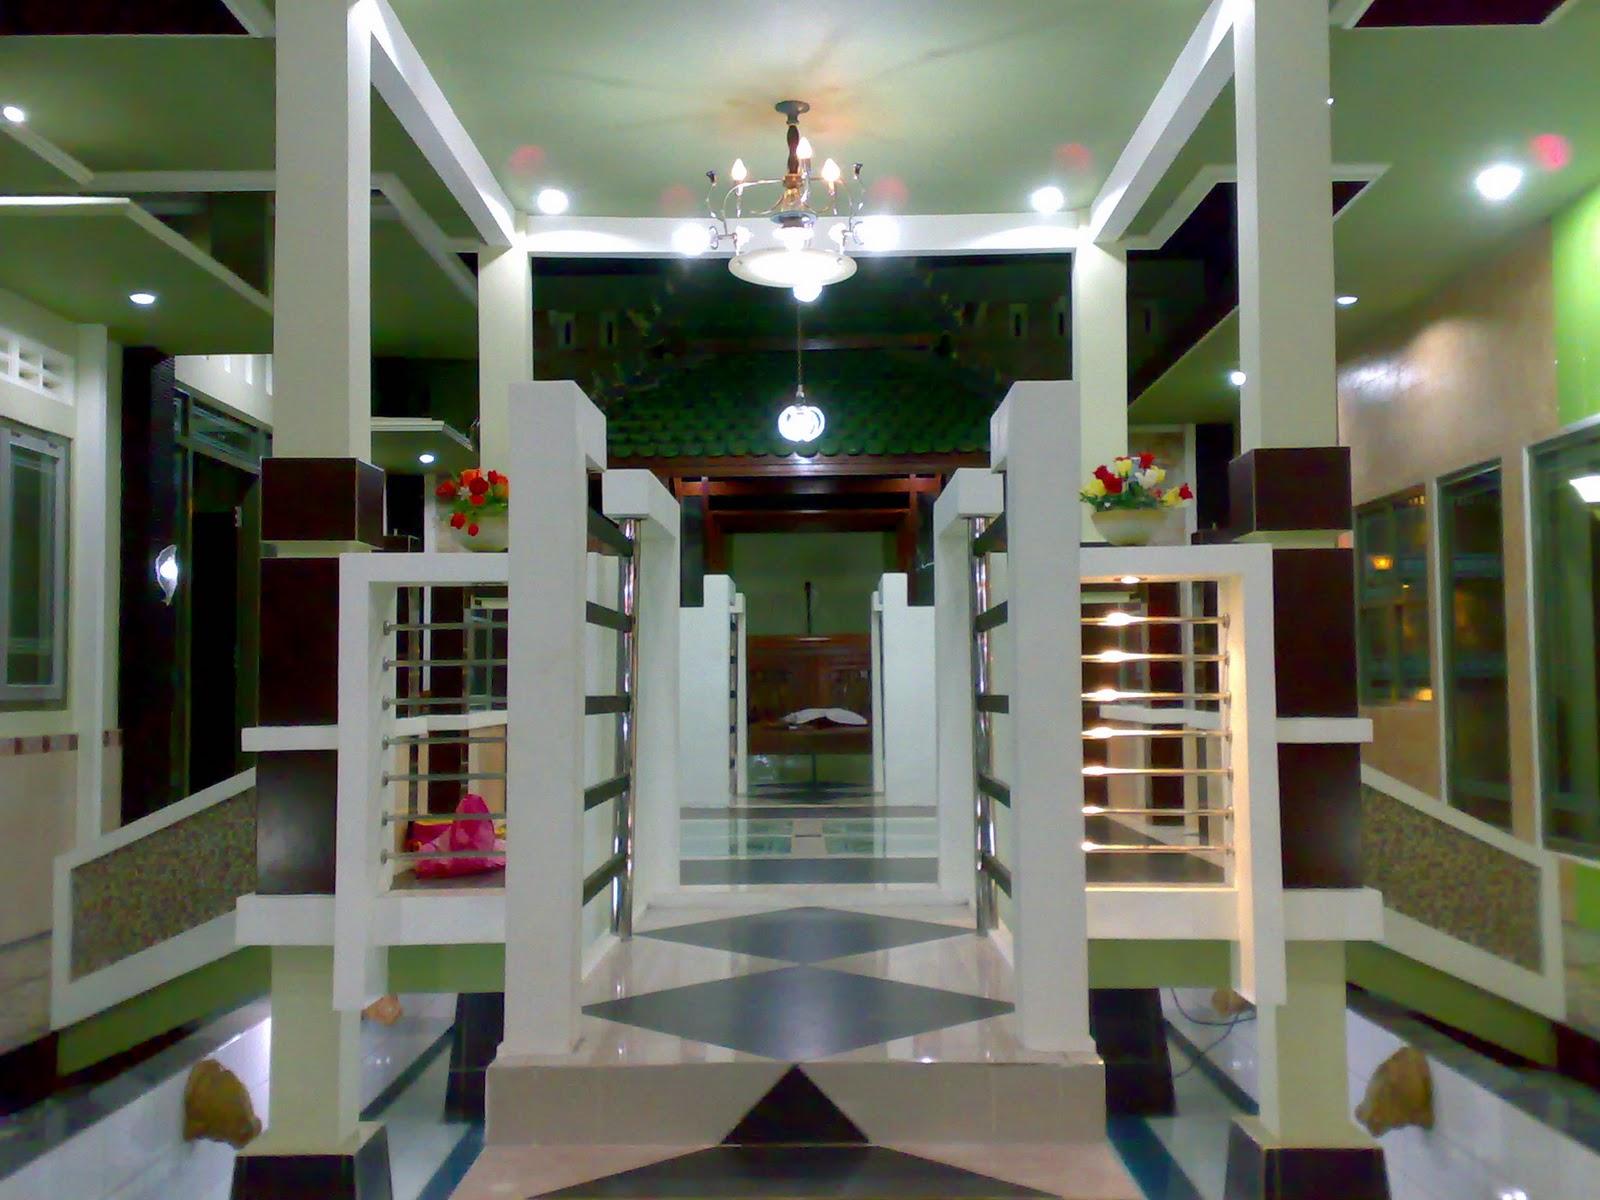 desain rumah 2012 ruang tamu diatas kolam